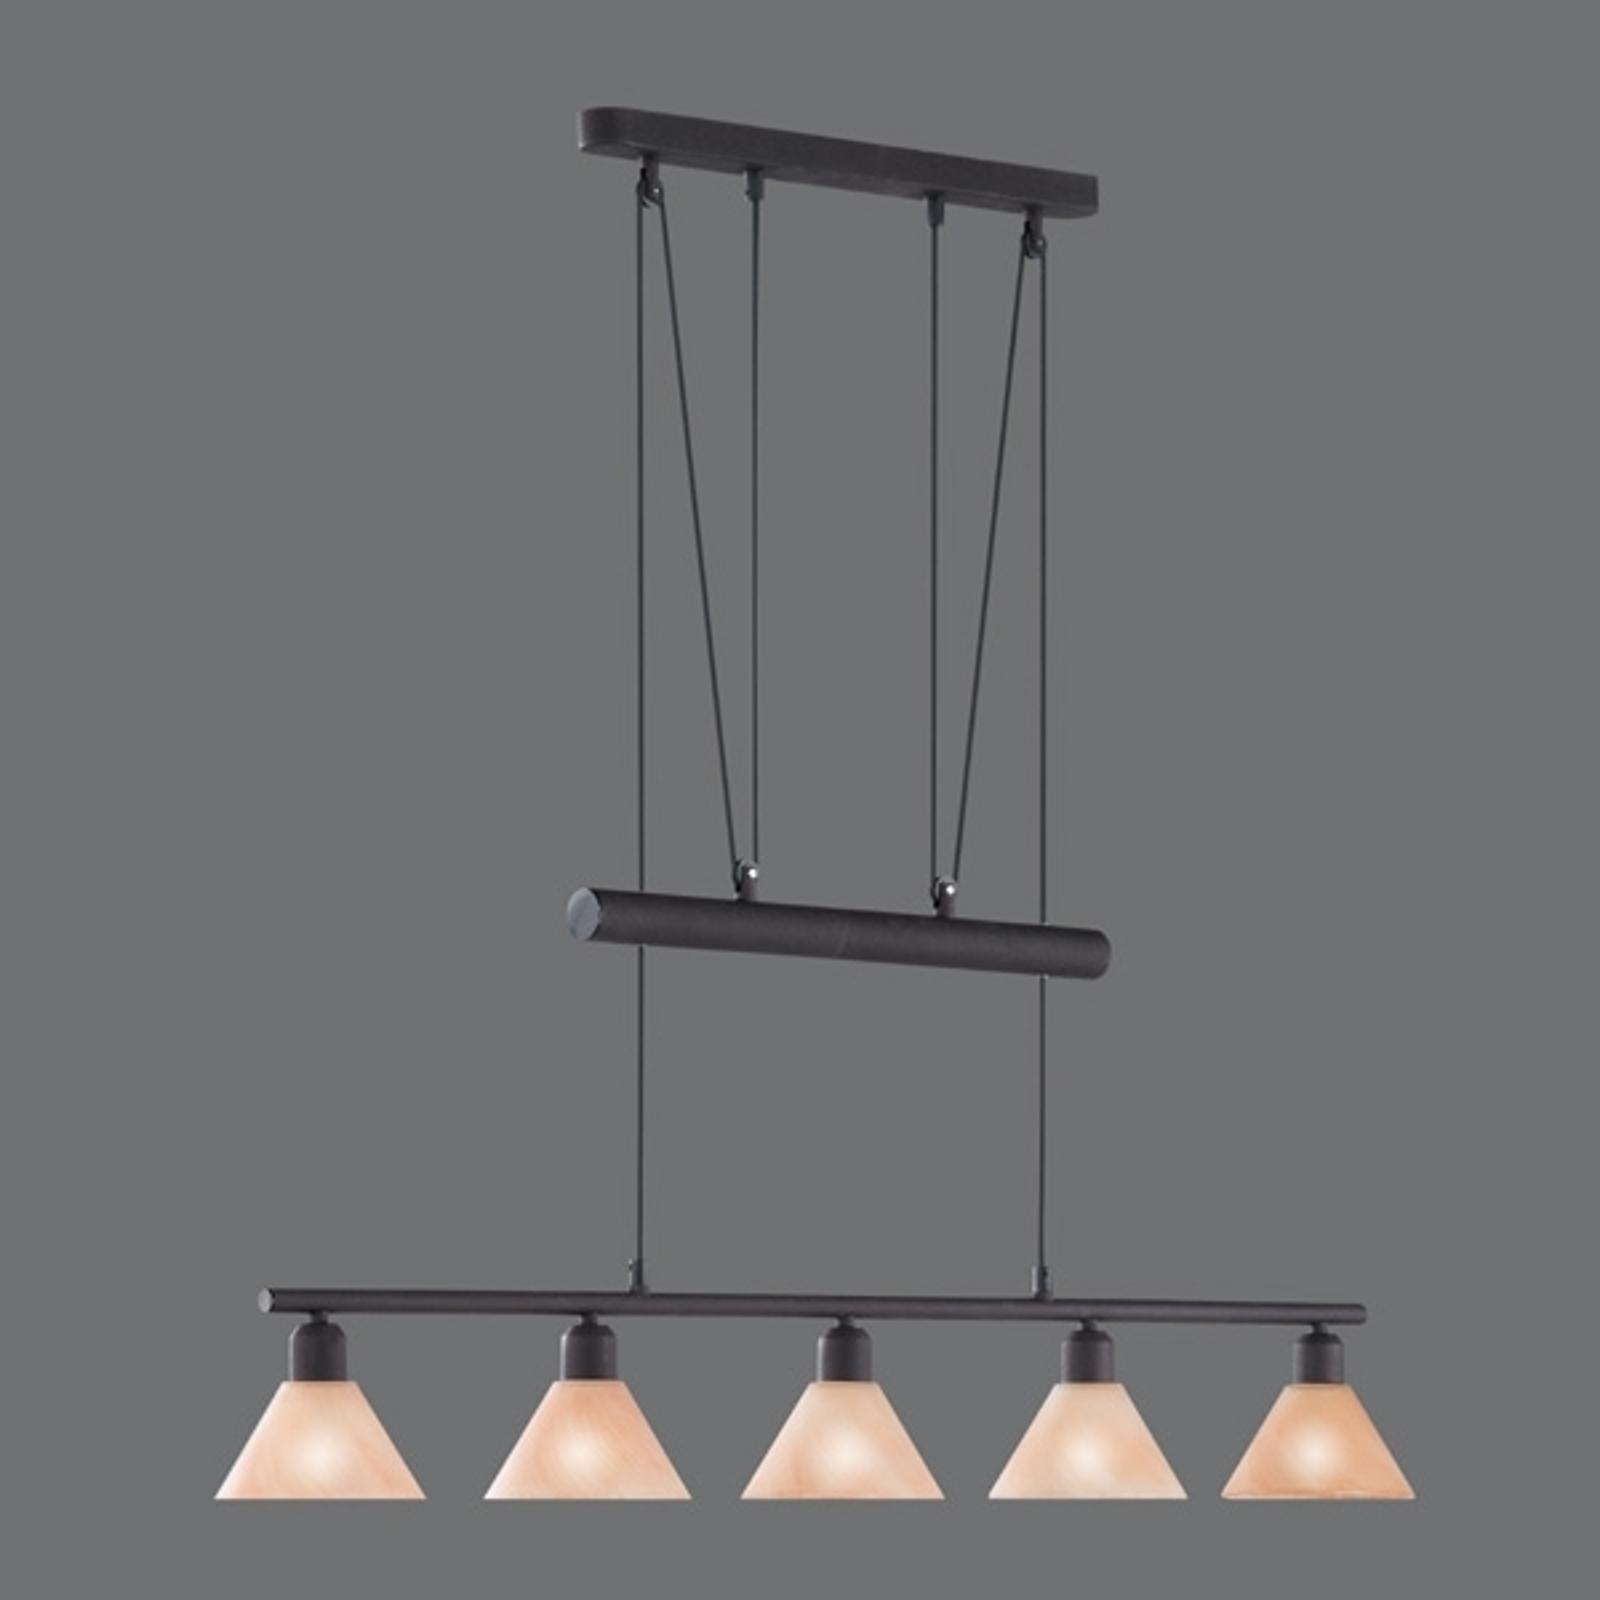 Suspension à hauteur réglable ZUG, 5 lampes